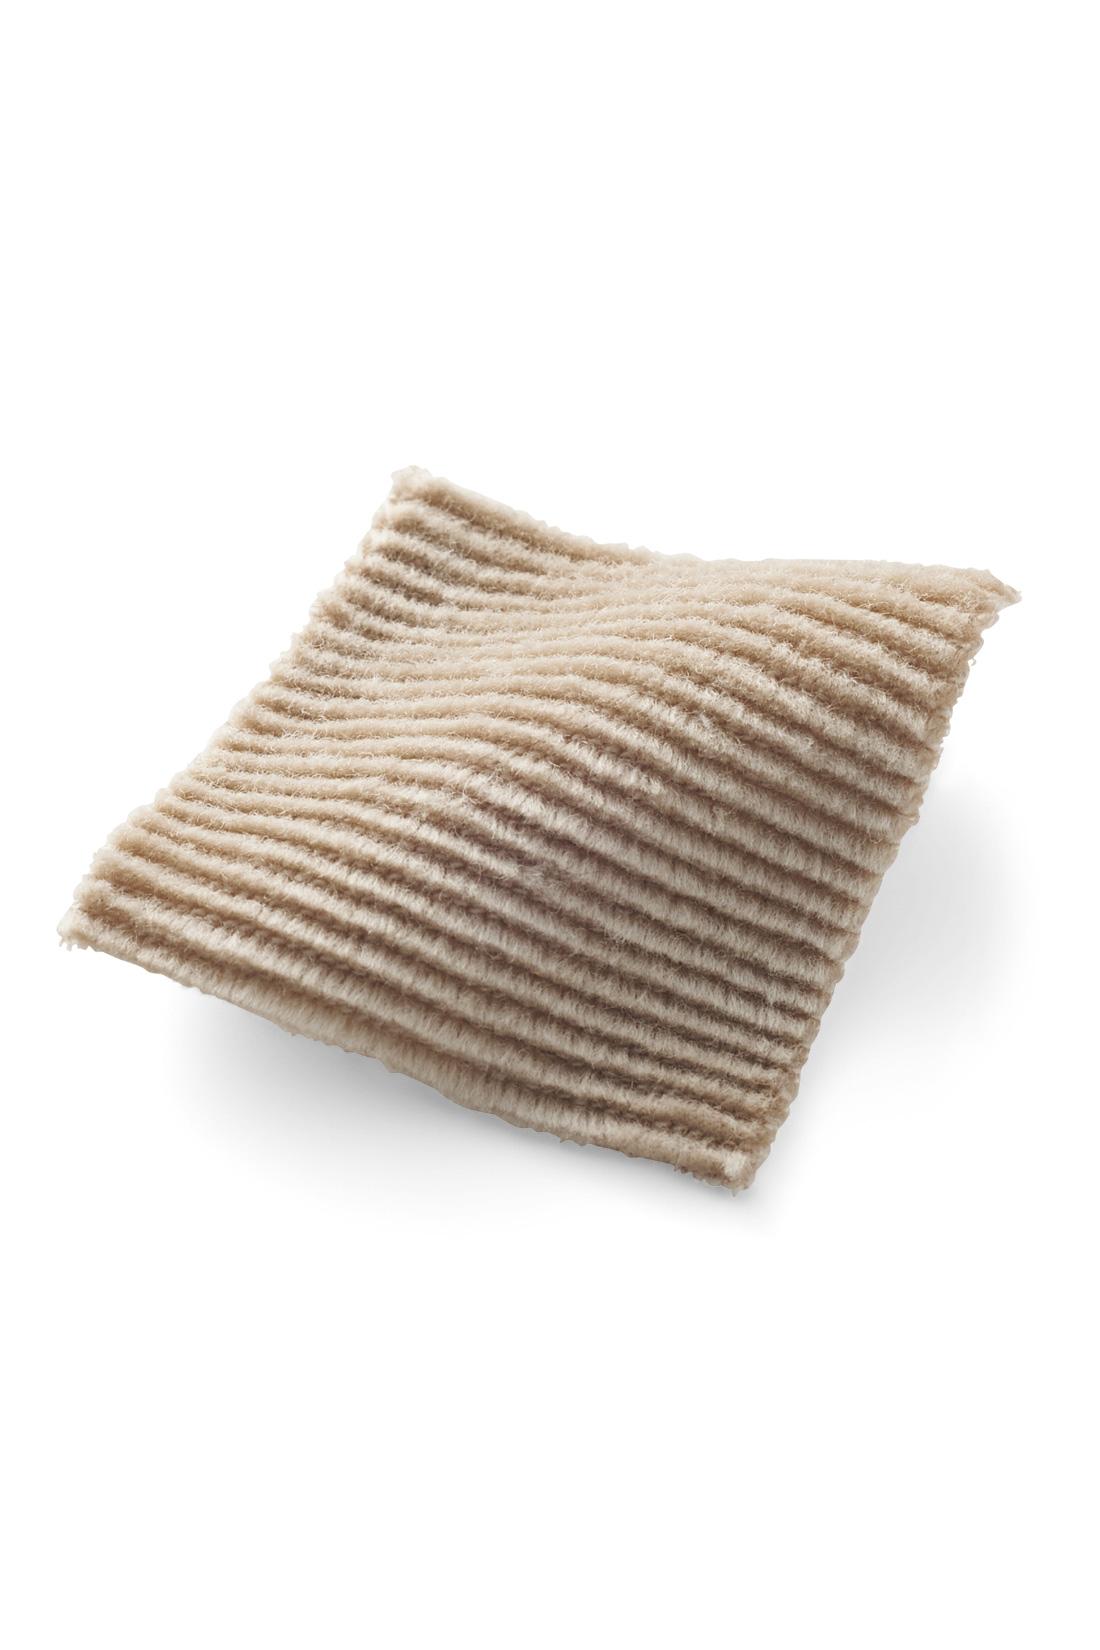 光沢感がきれいな細うねカットソーコーデュロイは、まだ暑さが残る時期にもぴったり。気軽におうちで洗えます。 ※お届けするカラーとは異なります。